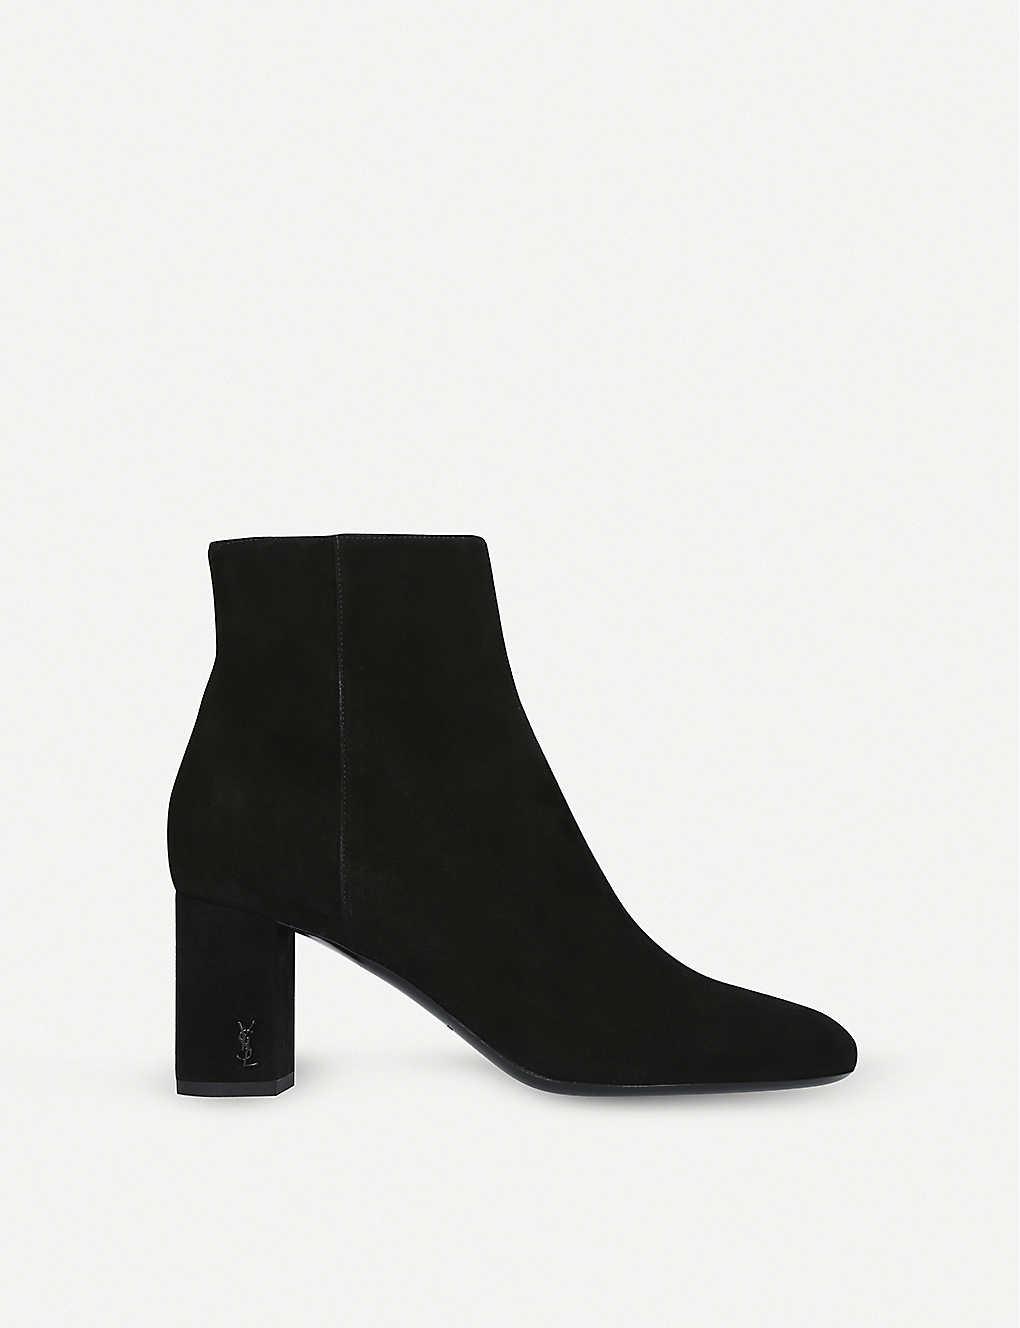 98b9acab939 SAINT LAURENT - Loulou 70 suede ankle boots   Selfridges.com